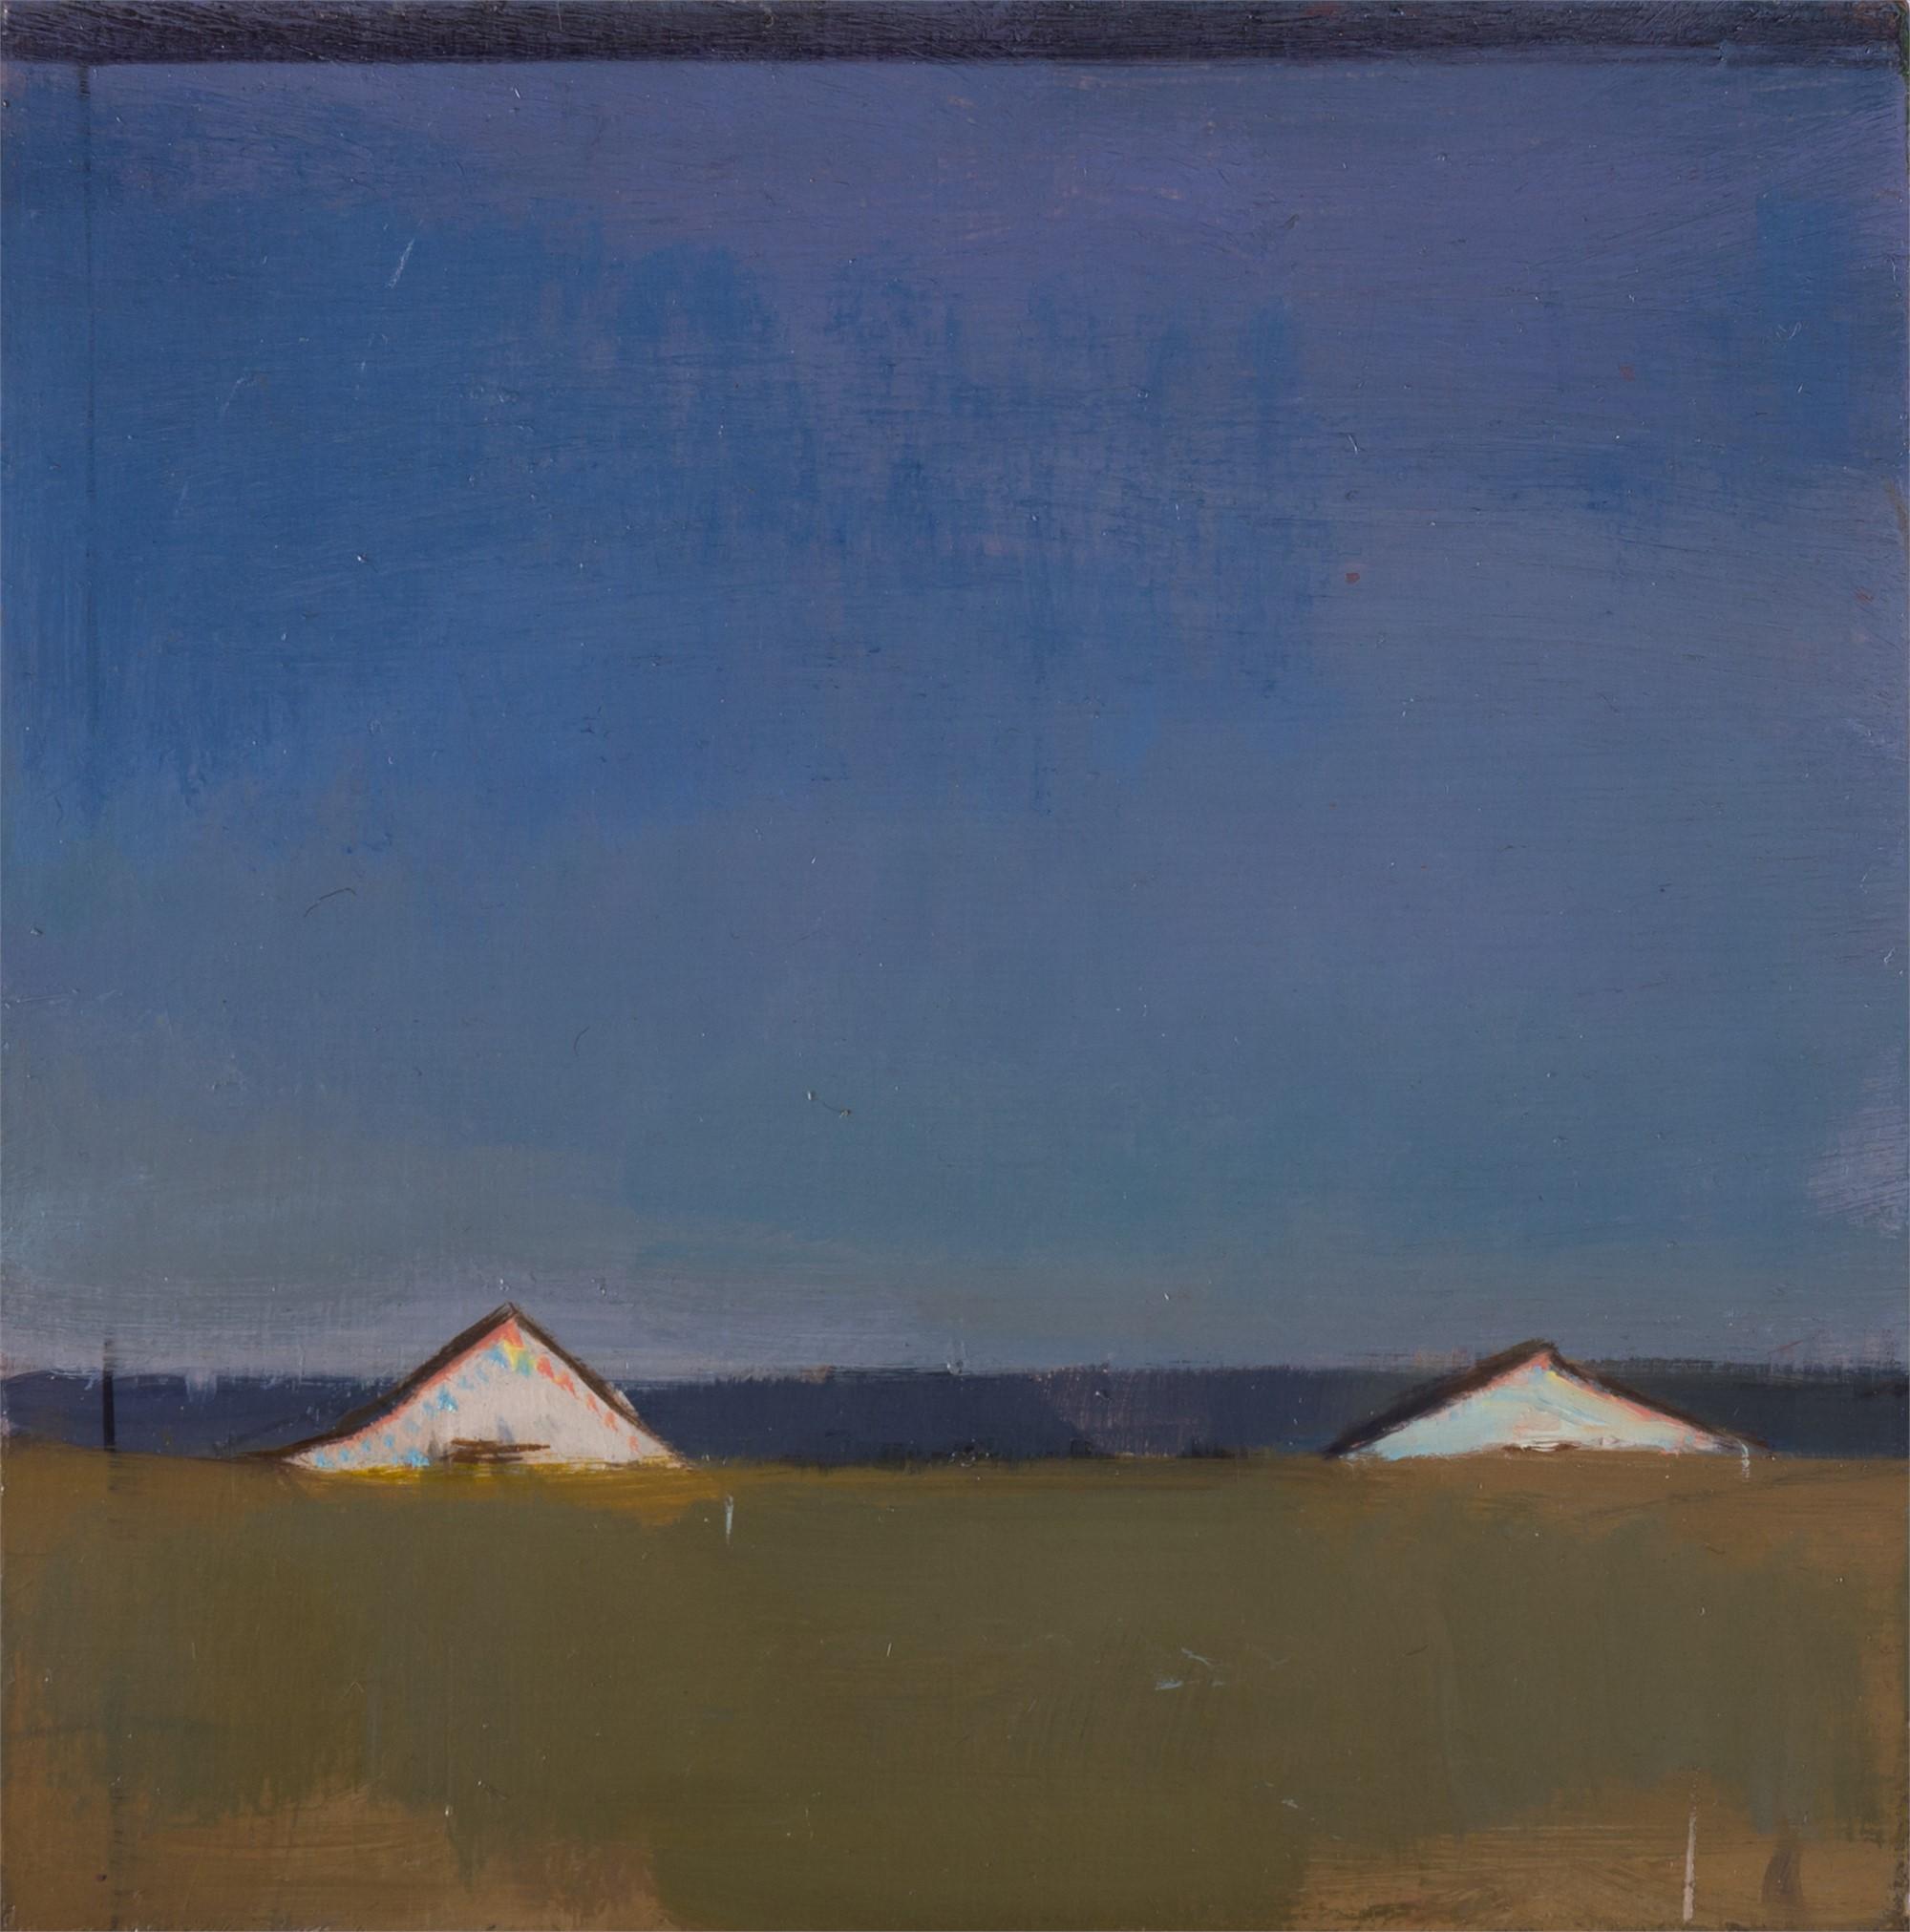 Housing Two by Hiroshi Sato